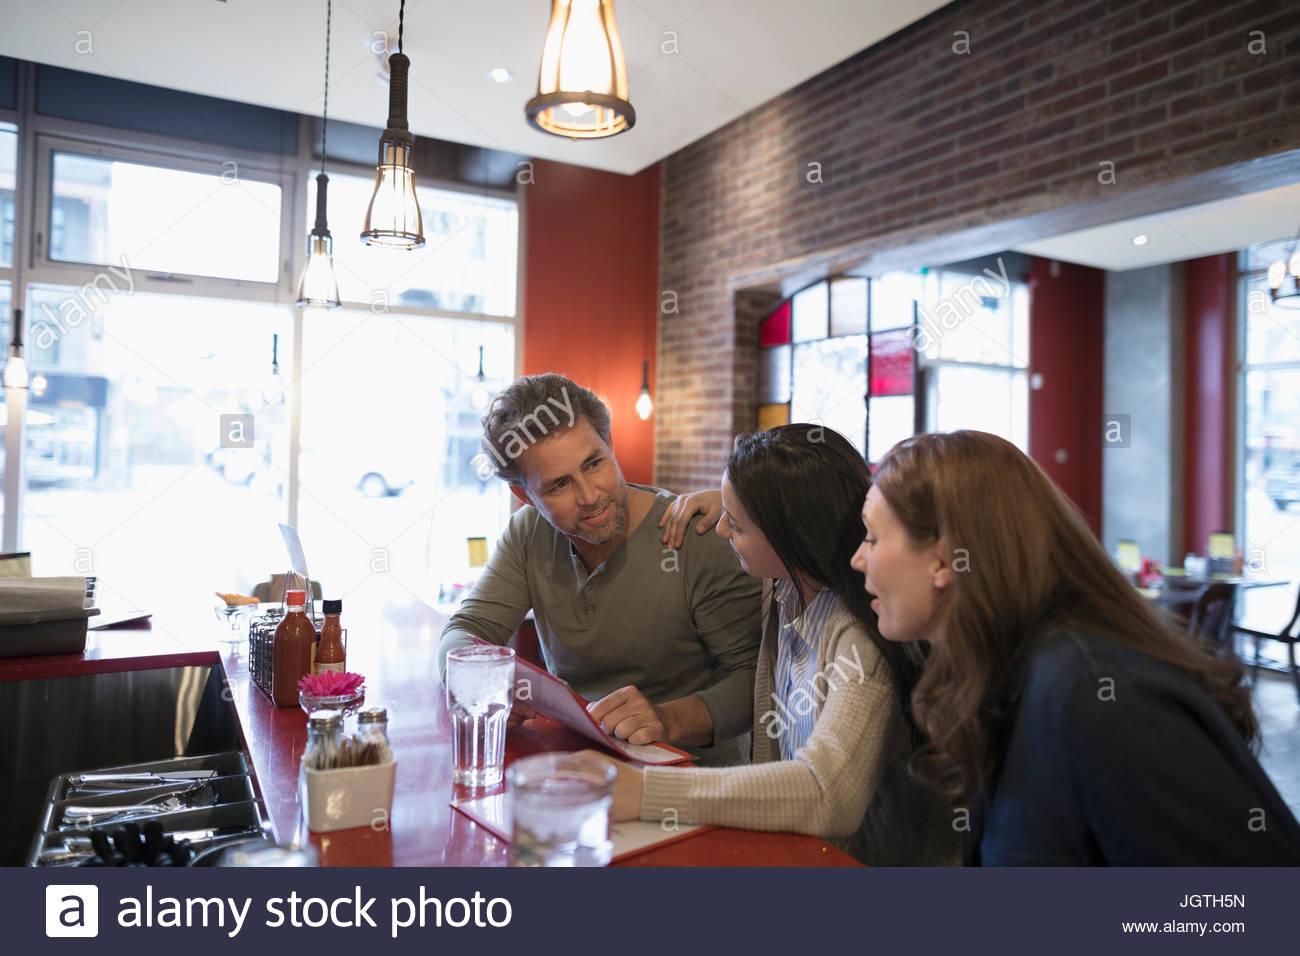 Eltern und Tochter im Teenageralter Blick auf Menü, Essen im Diner Theke Stockbild